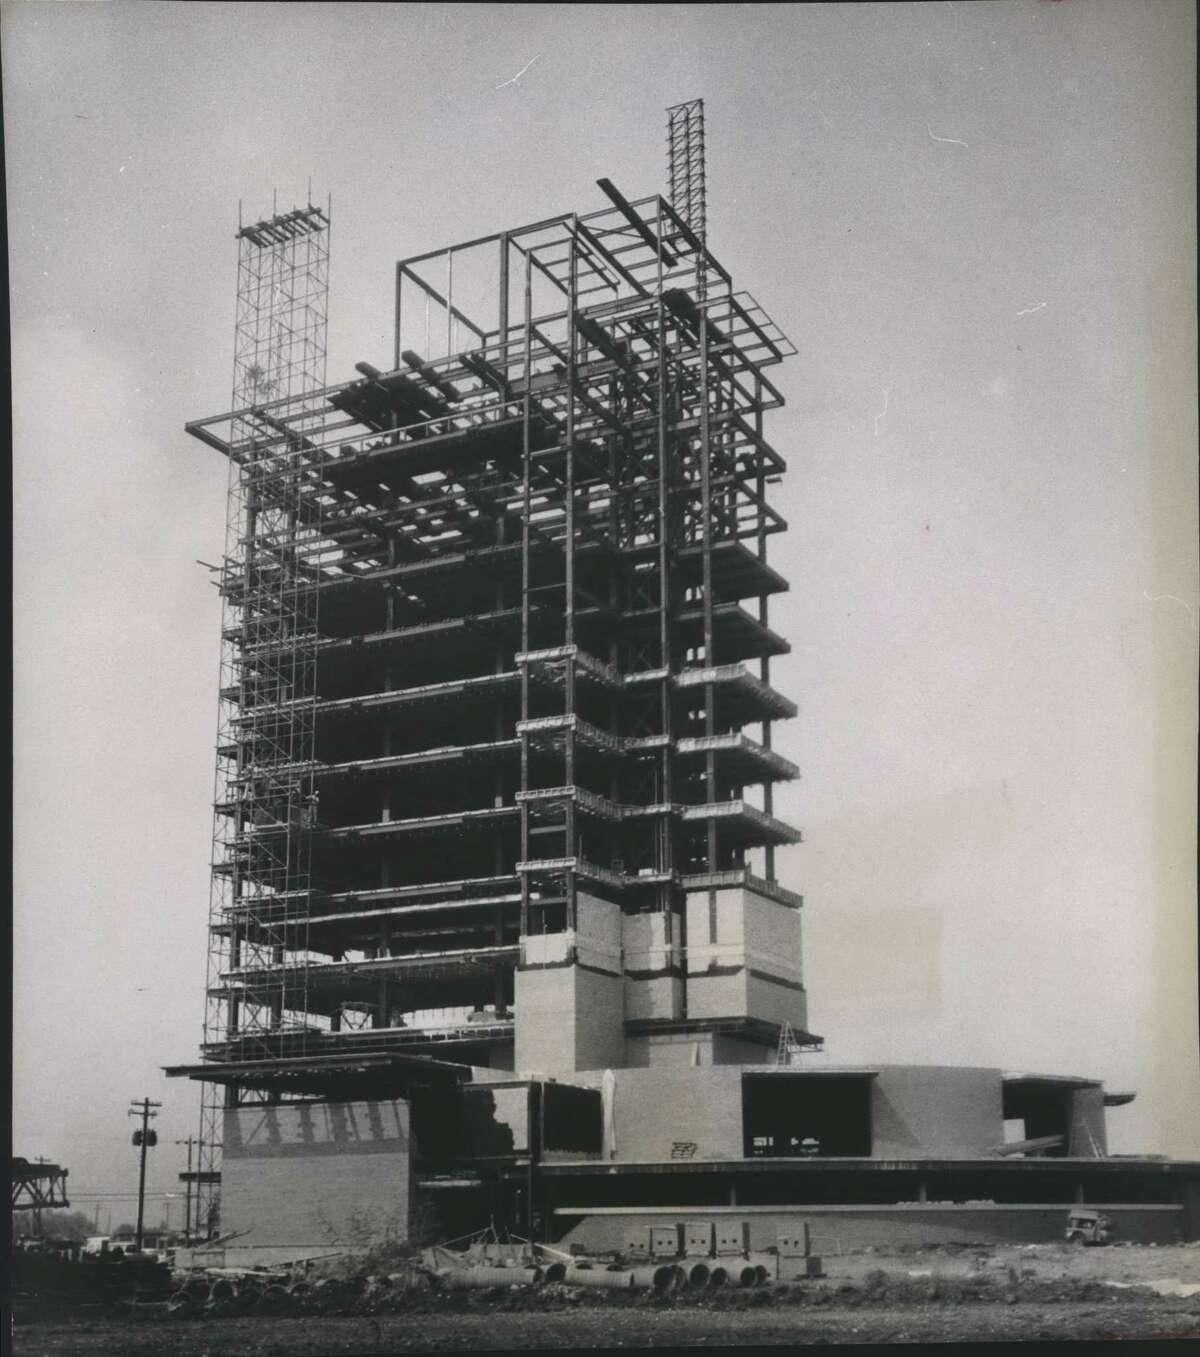 The skyscraper under construction.